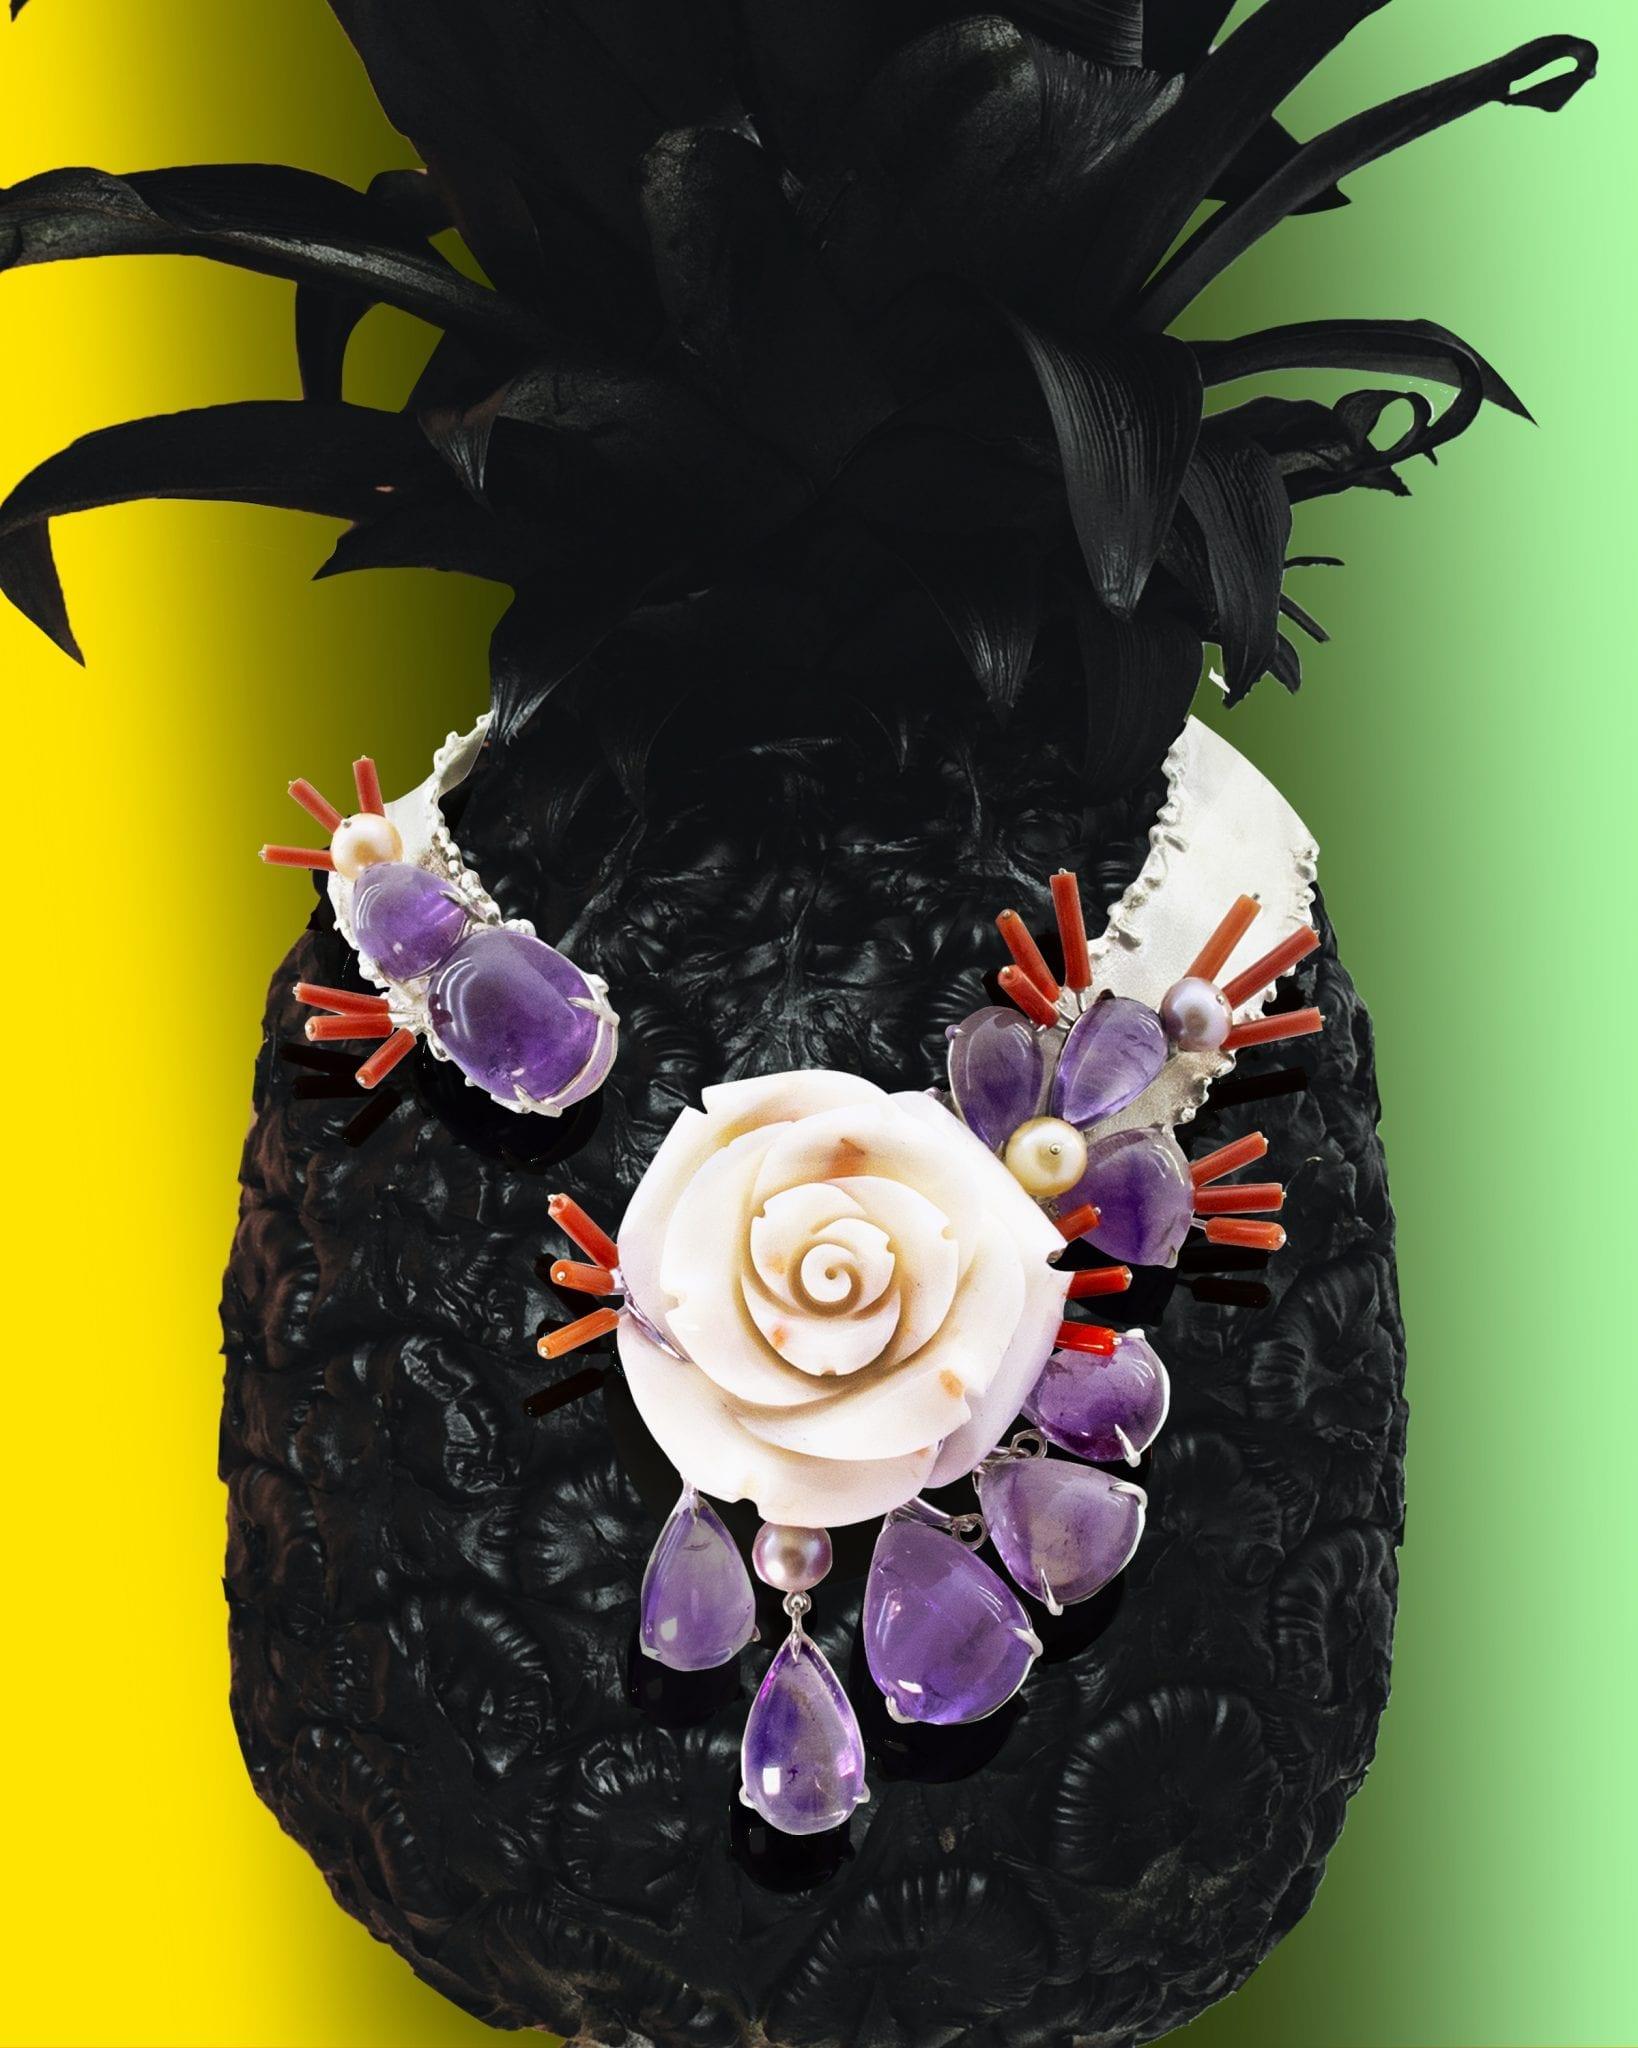 Collier ethnique en argent rigide satiné mat et granité brillant. Importante fleur de corail blanc entourée de cabochons d'améthystes mobiles et fixes, de perles de rivières rose et mauves, picots de corail rouge.